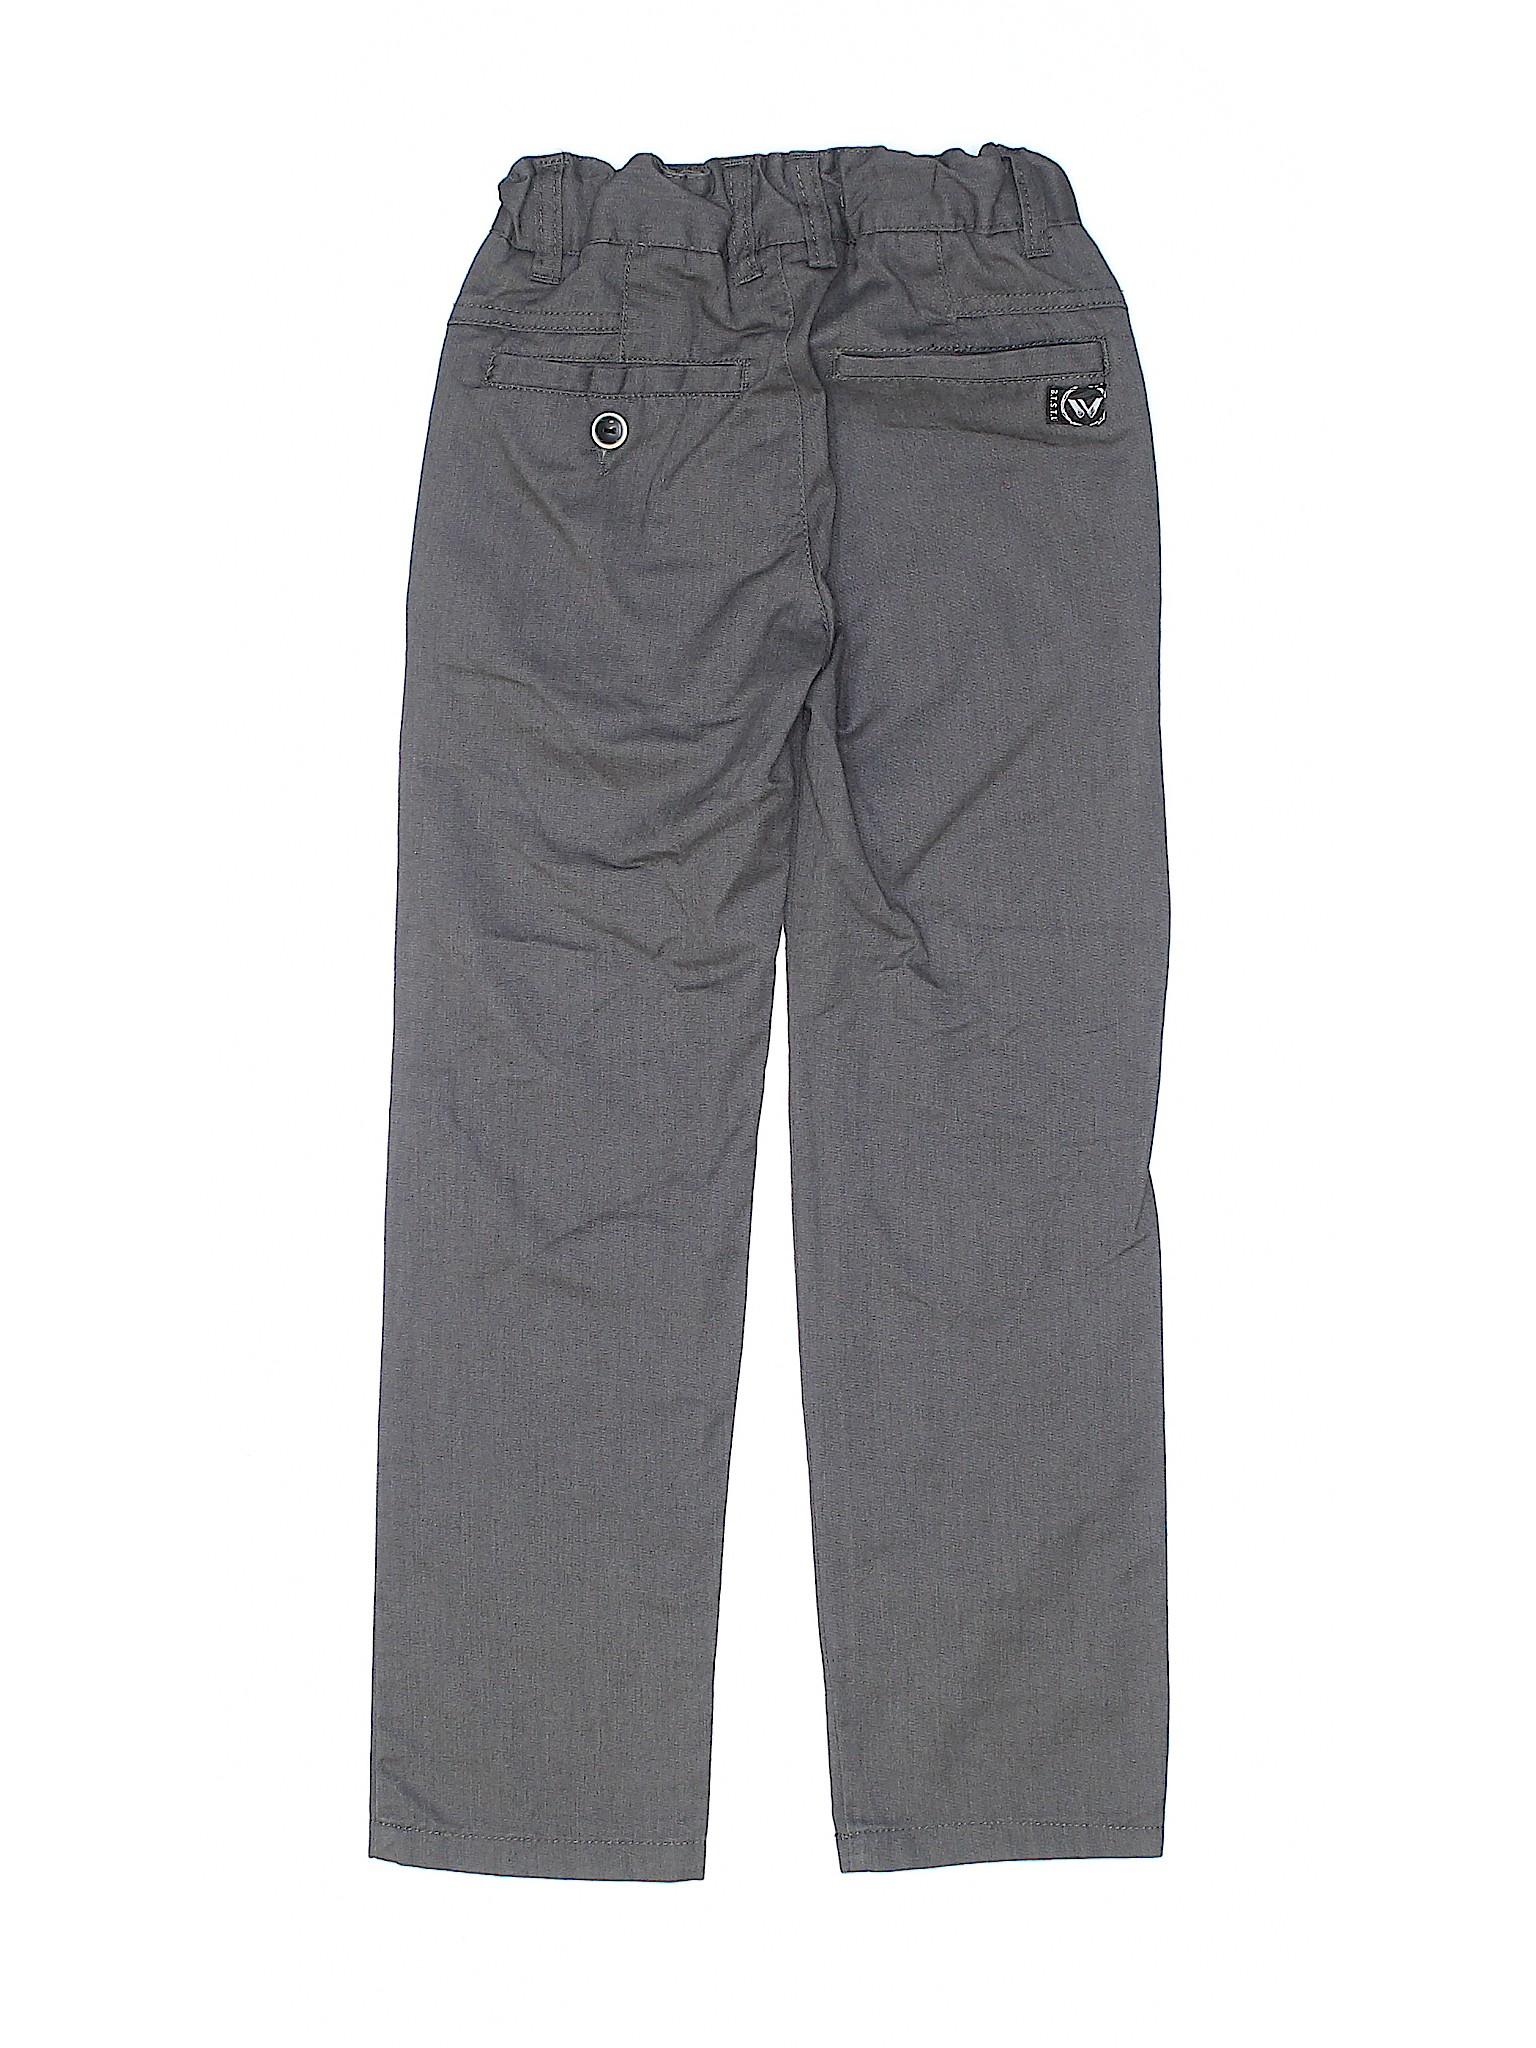 Shaun White Solid Gray Khakis Size 6 67 Off Thredup